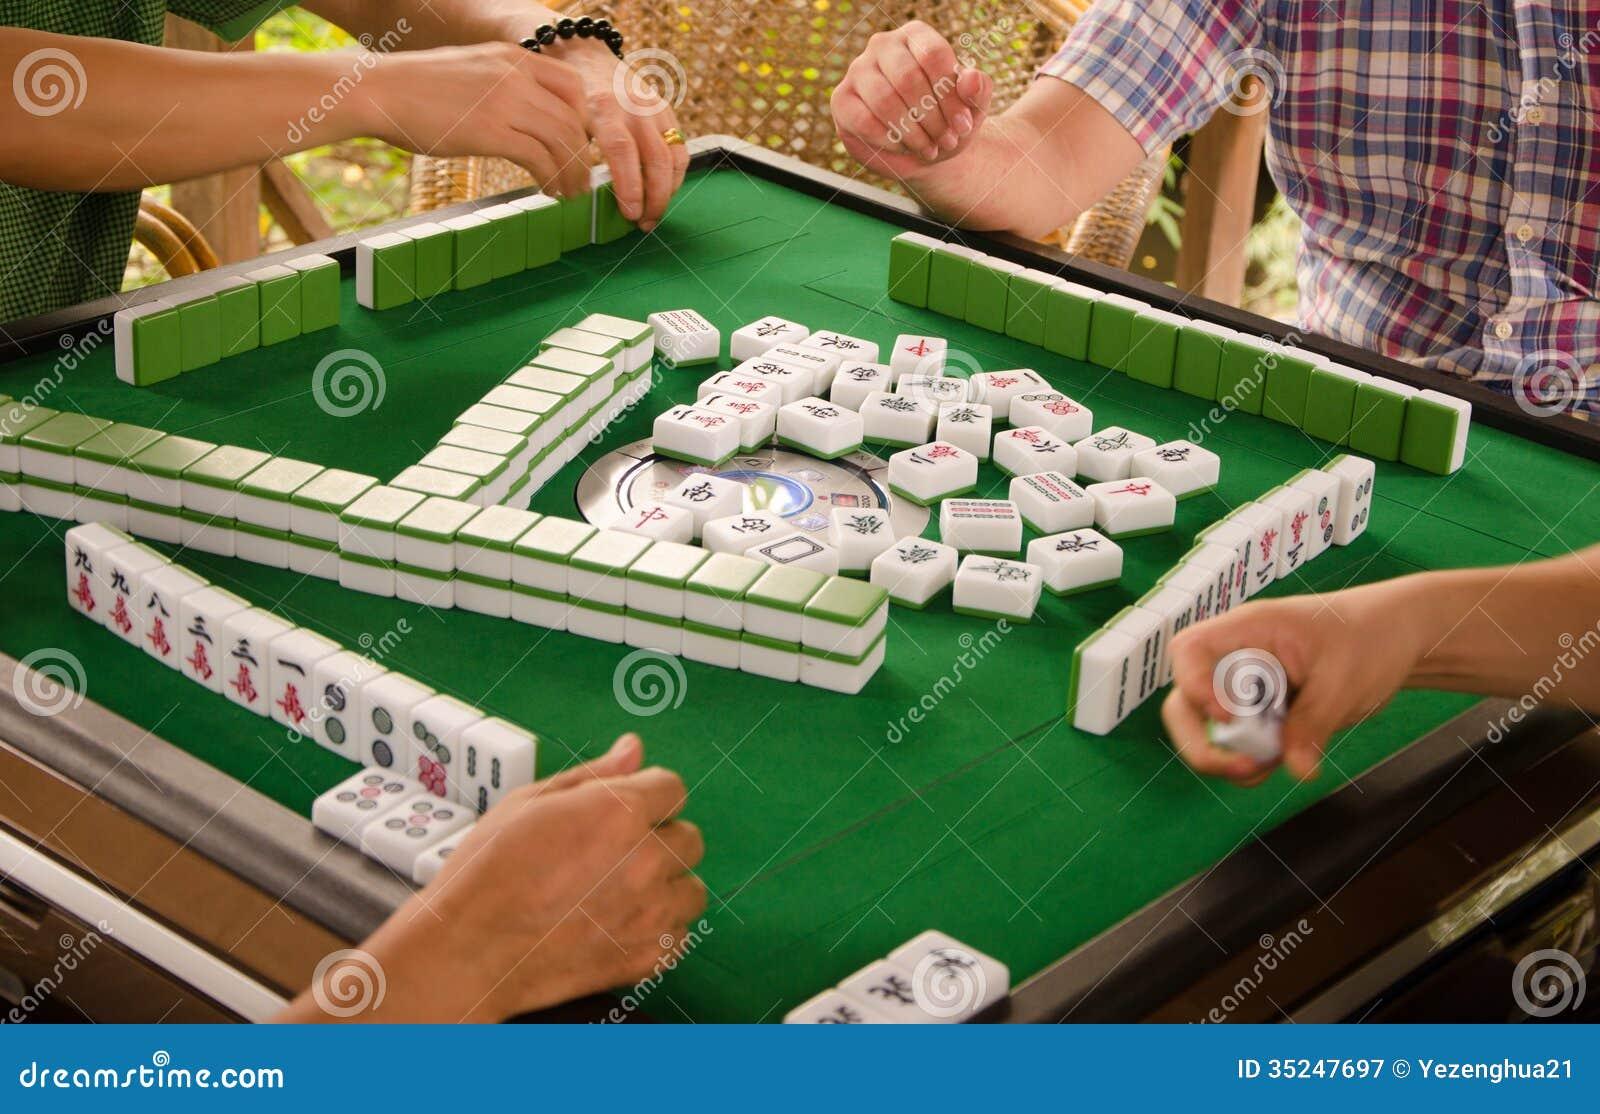 the game mahjong